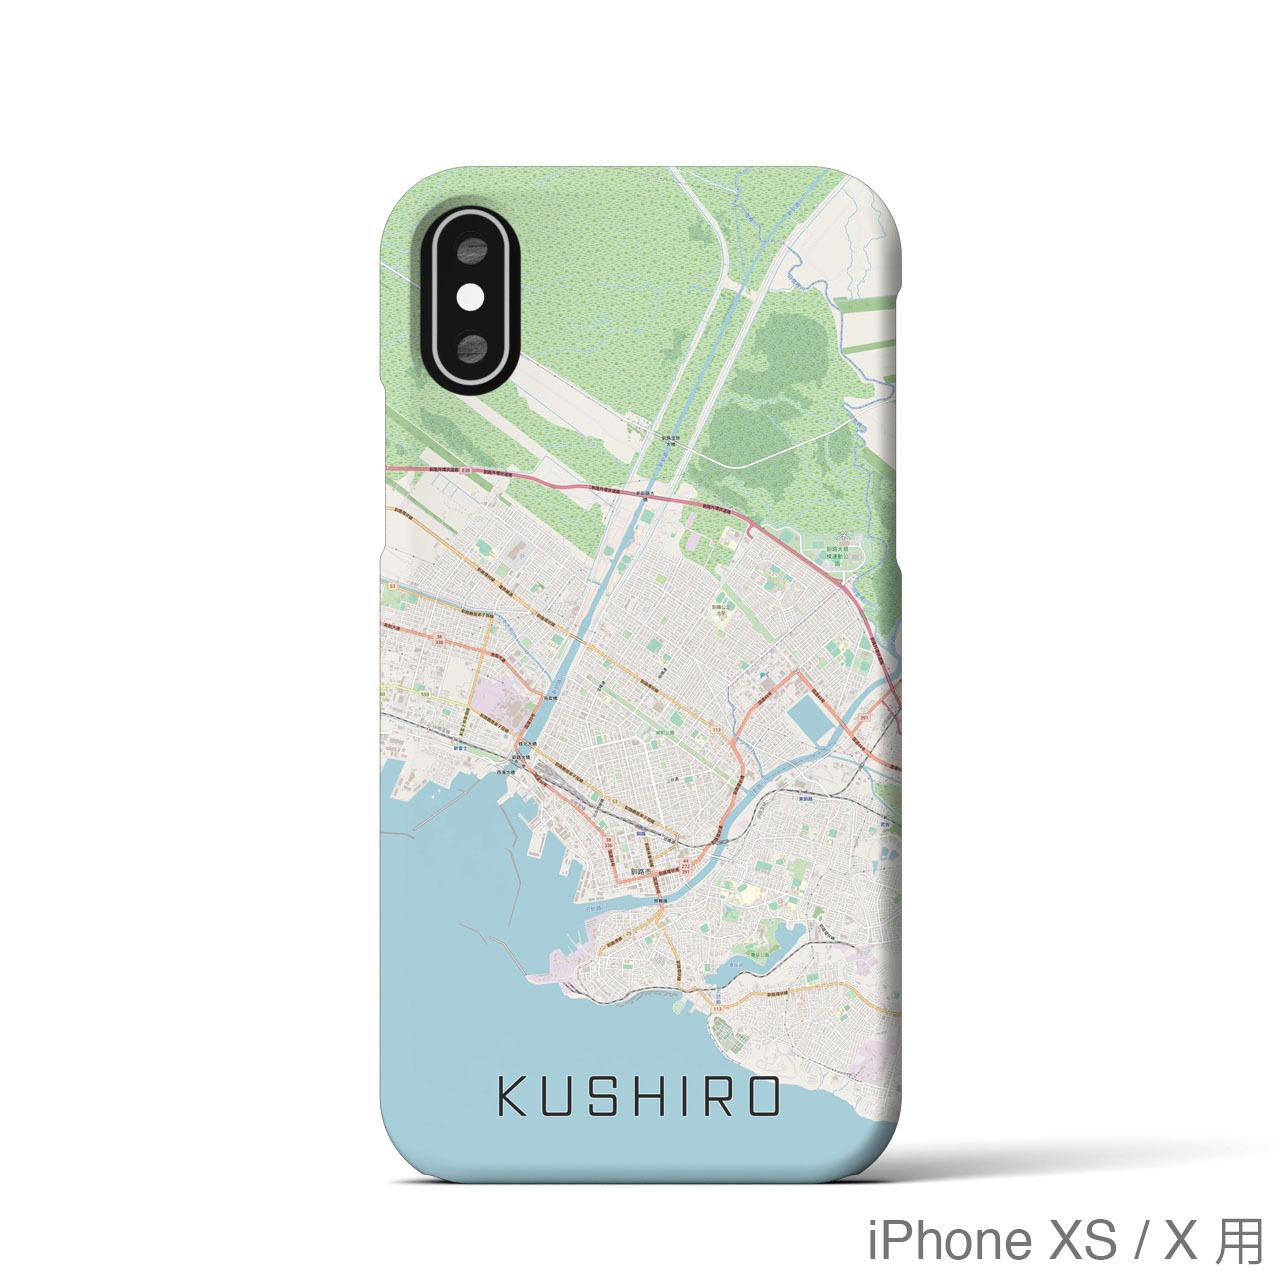 【釧路】地図柄iPhoneケース(バックカバータイプ・ナチュラル)